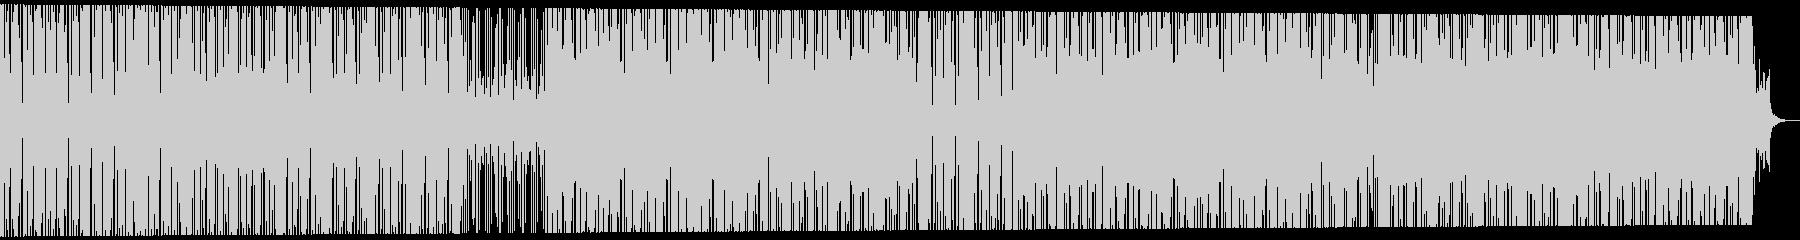 緊迫感・緊張のあるテクノBGM シリアスの未再生の波形